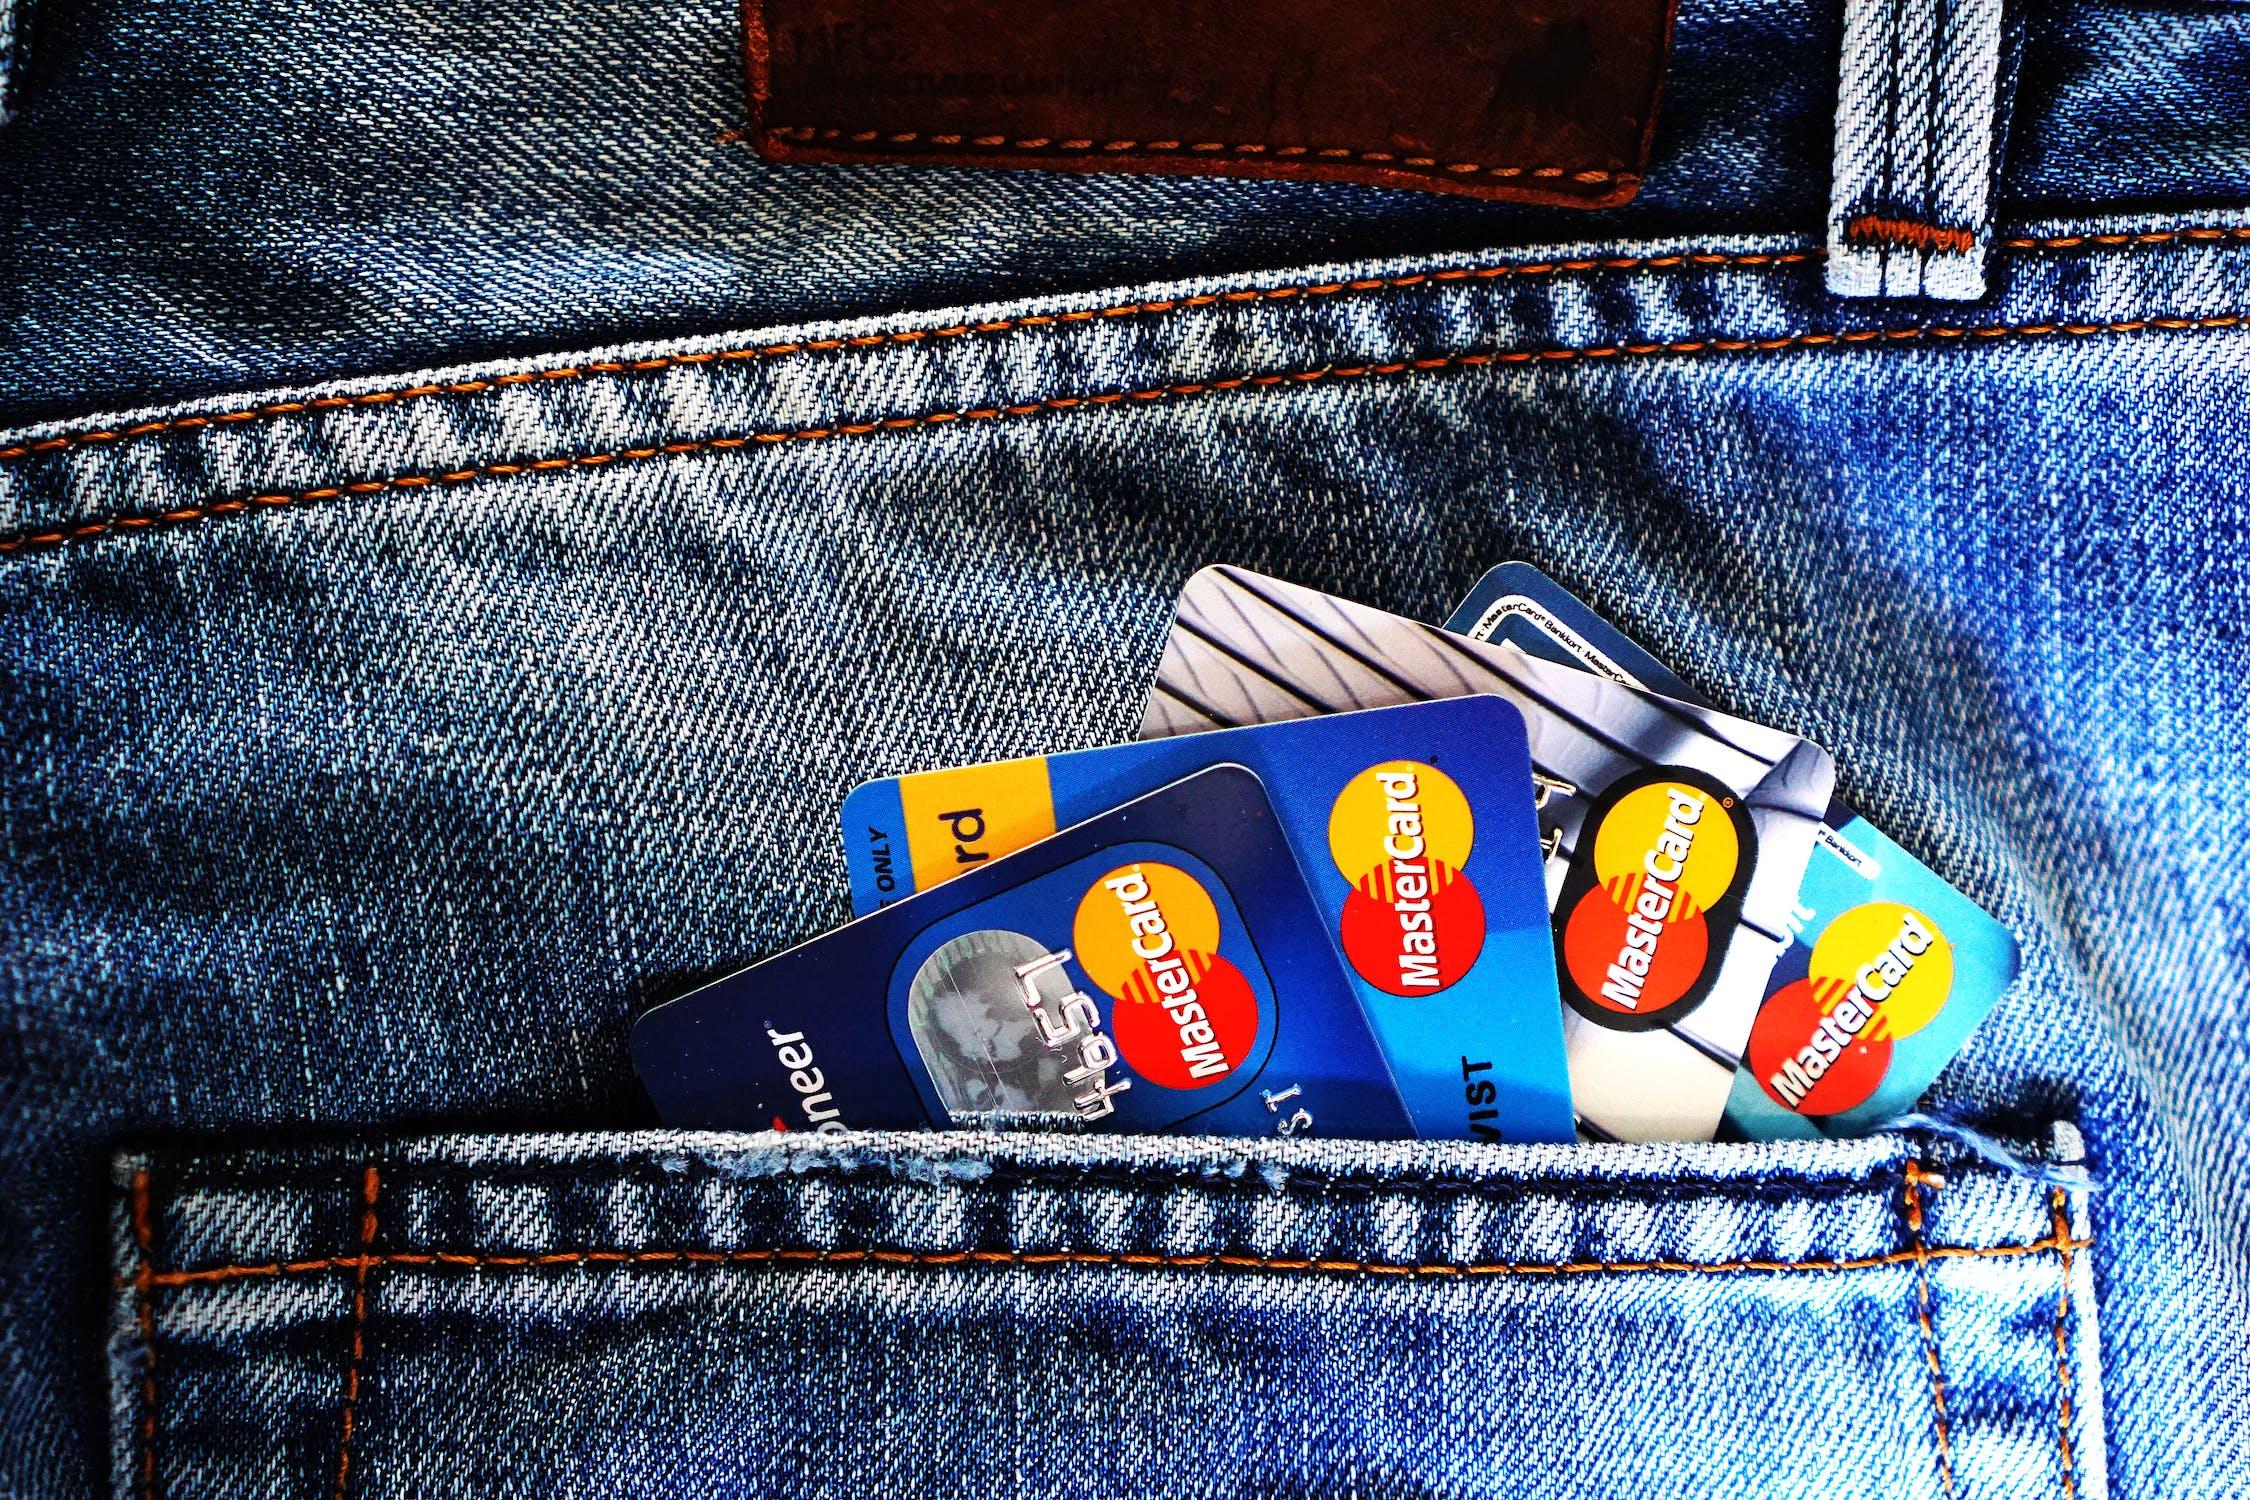 ATM cards in back pocket